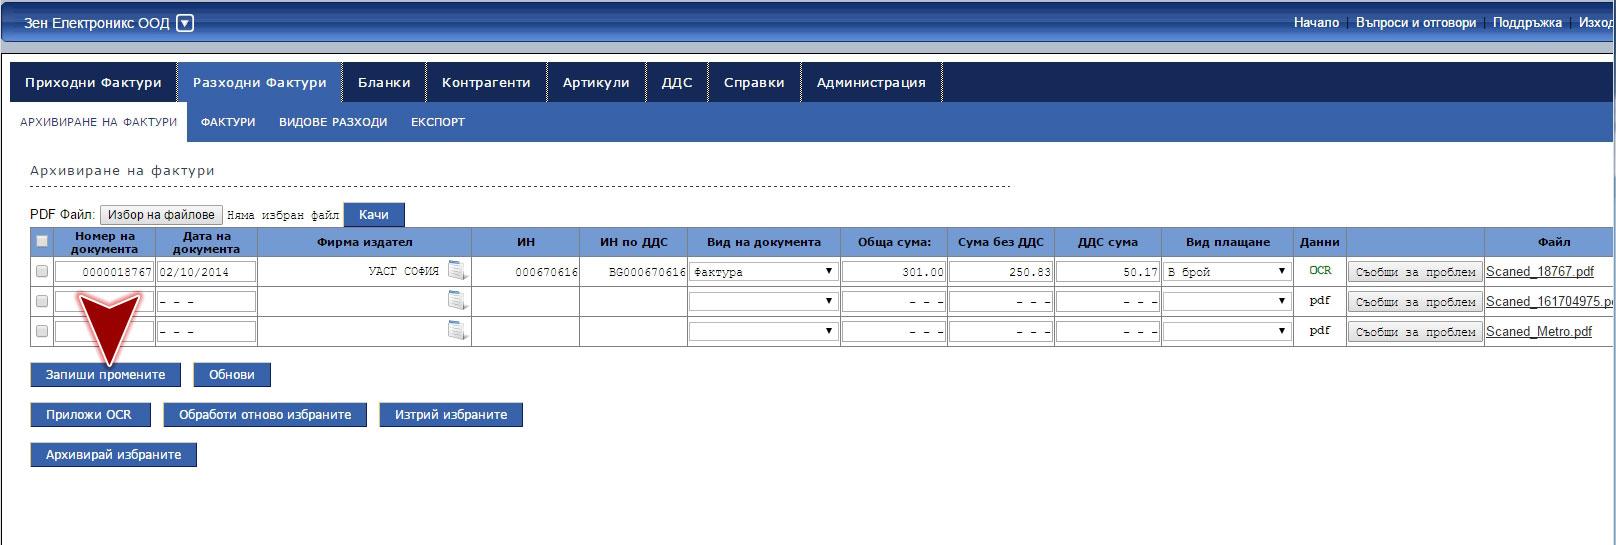 Запис на данни за сканирани фактури в Архивбокс